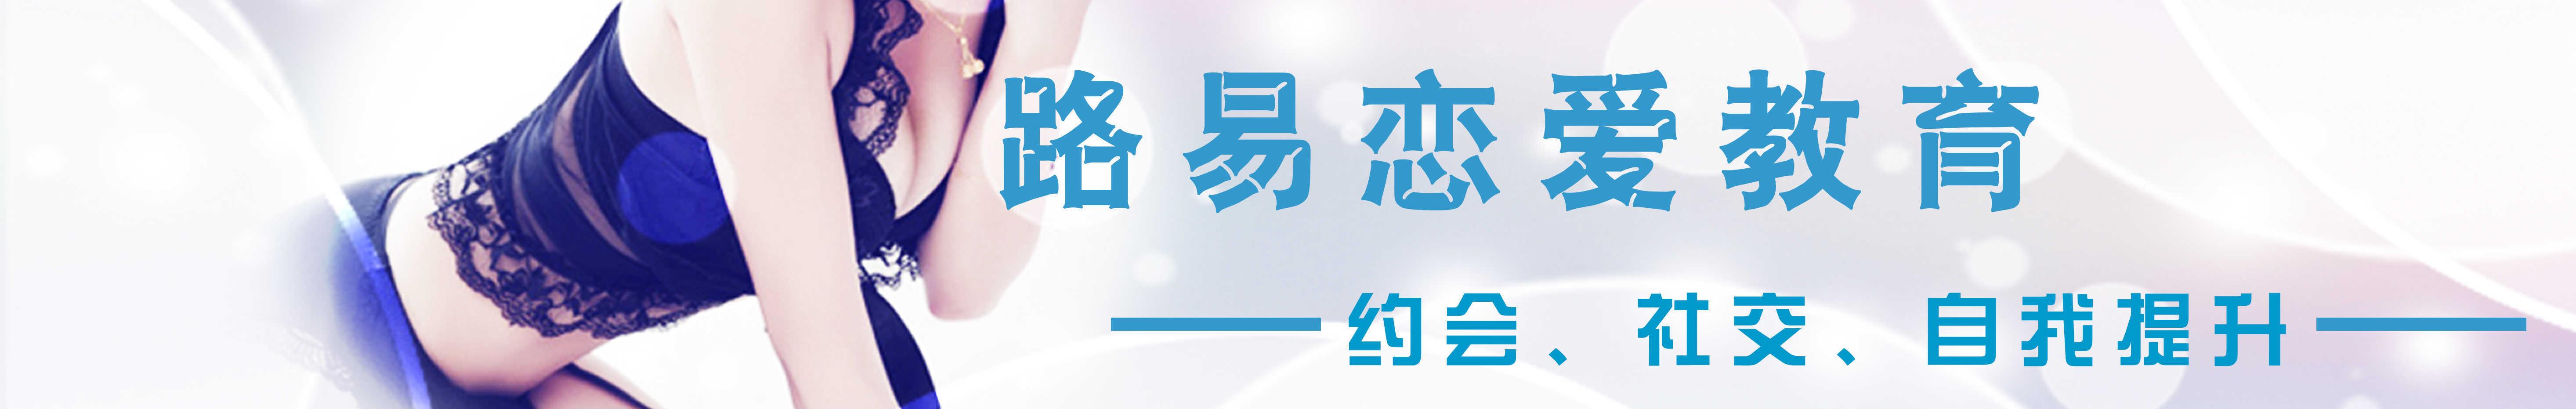 路易恋爱教育 banner